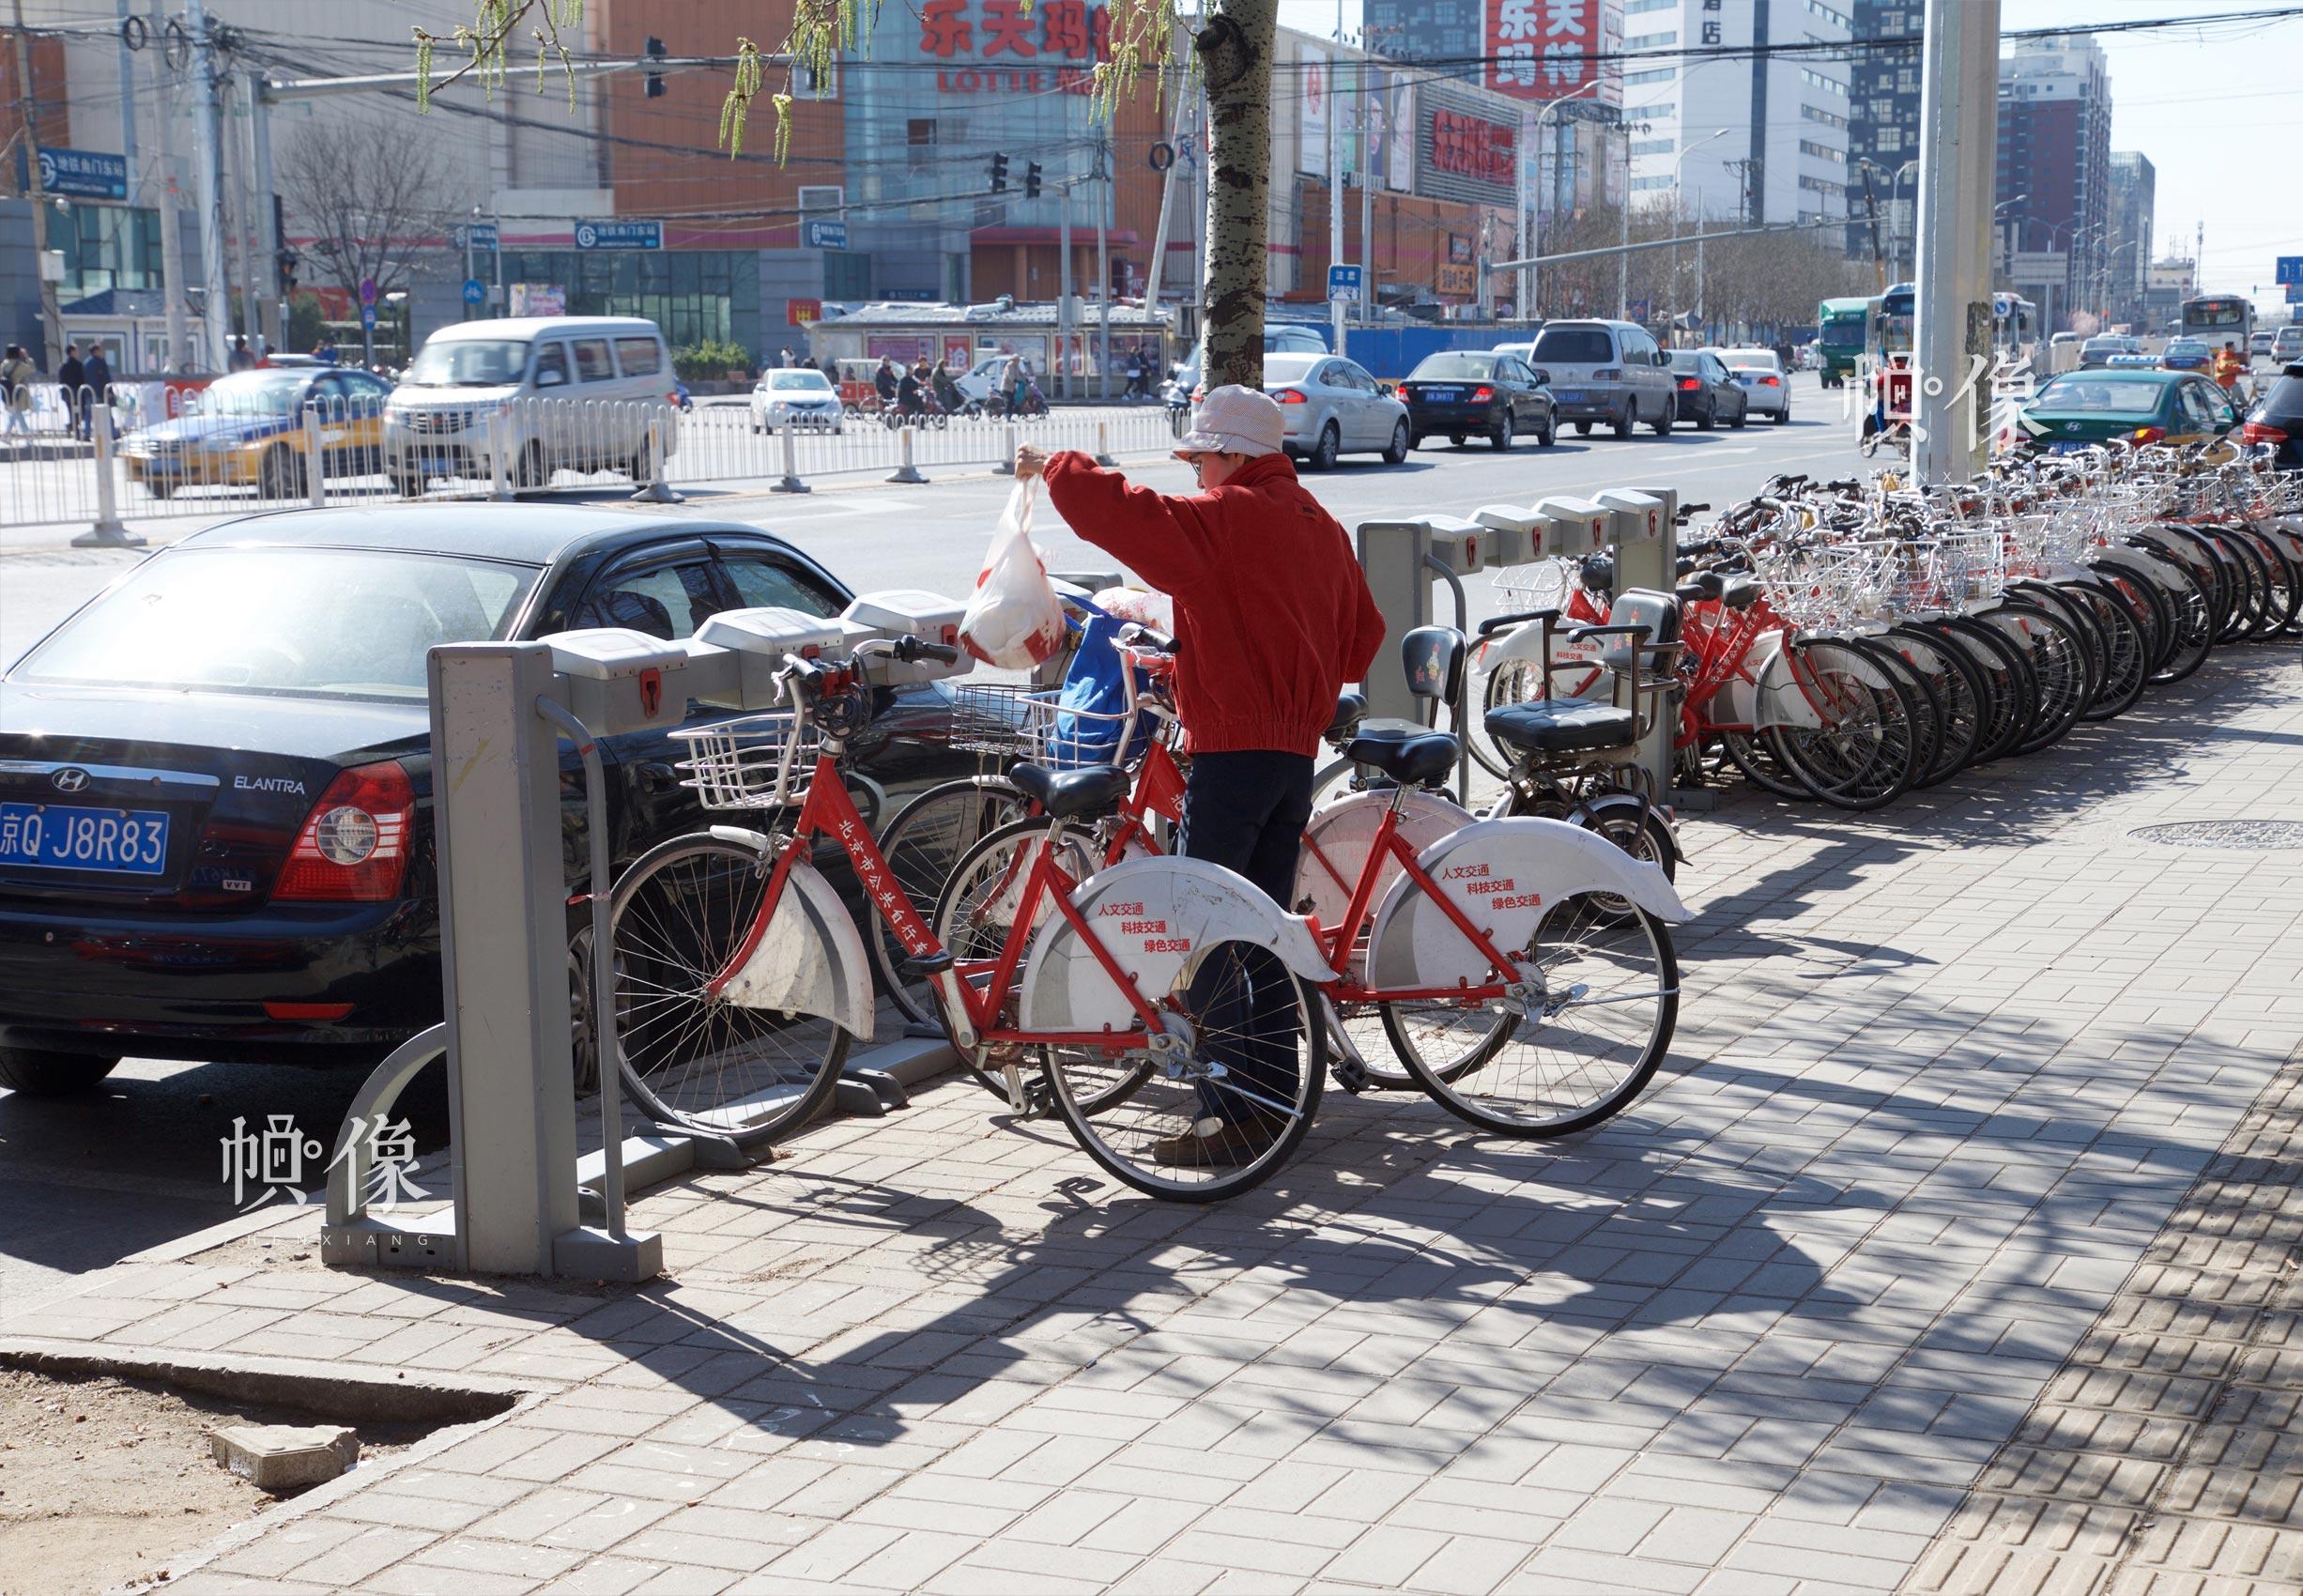 2017年3月27日,一名年长的市民在使用北京市政公共自行车。由于新兴的共享单车更多依靠智能移动设备,老年用户似乎更青睐于传统的市政公共自行车。中国网记者 高南 摄